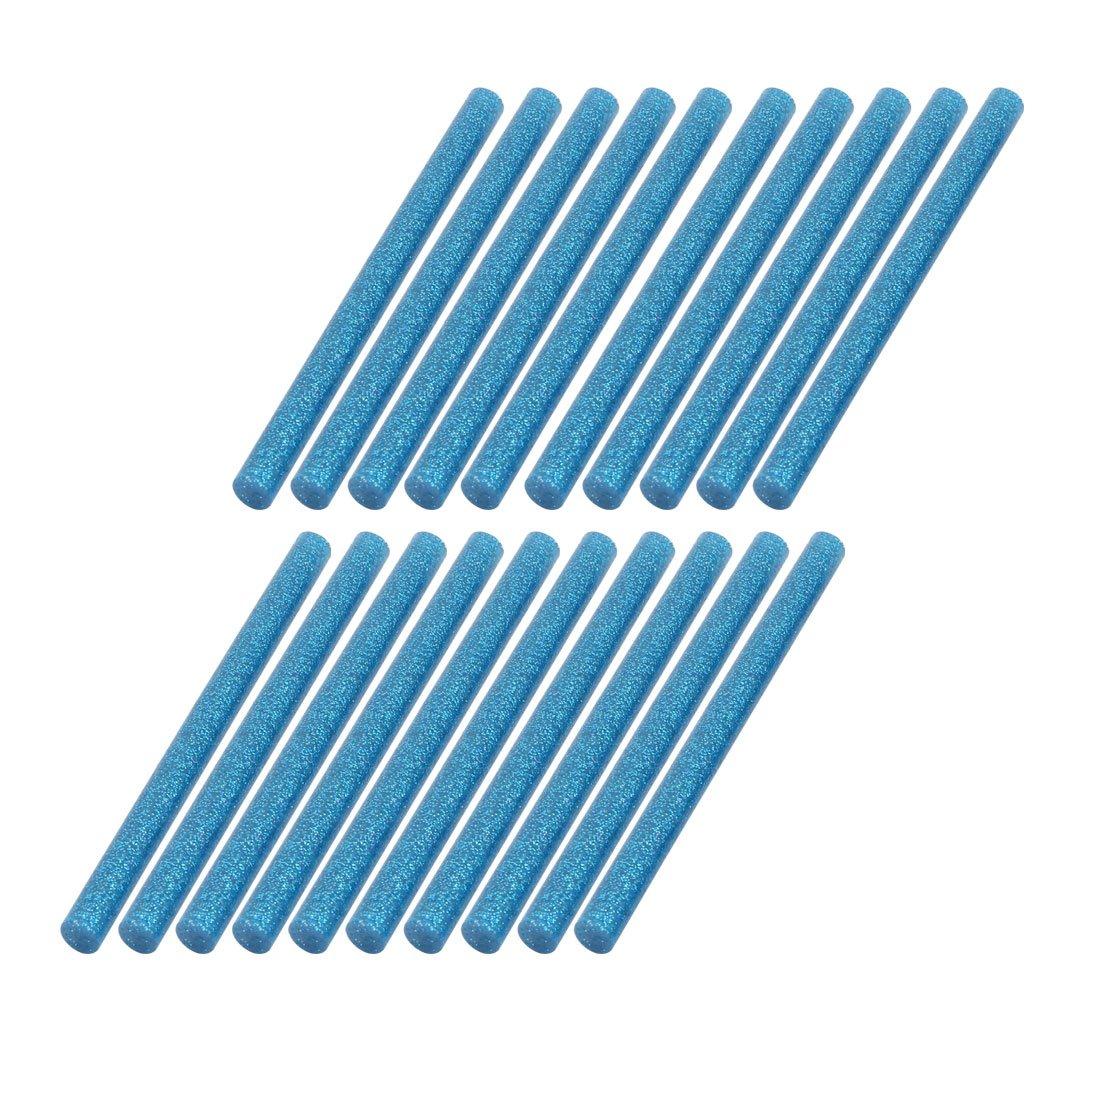 sourcing map 20pcs Bâton de colle Bleu brillant 100mmx7mm pour pistolet chauffant